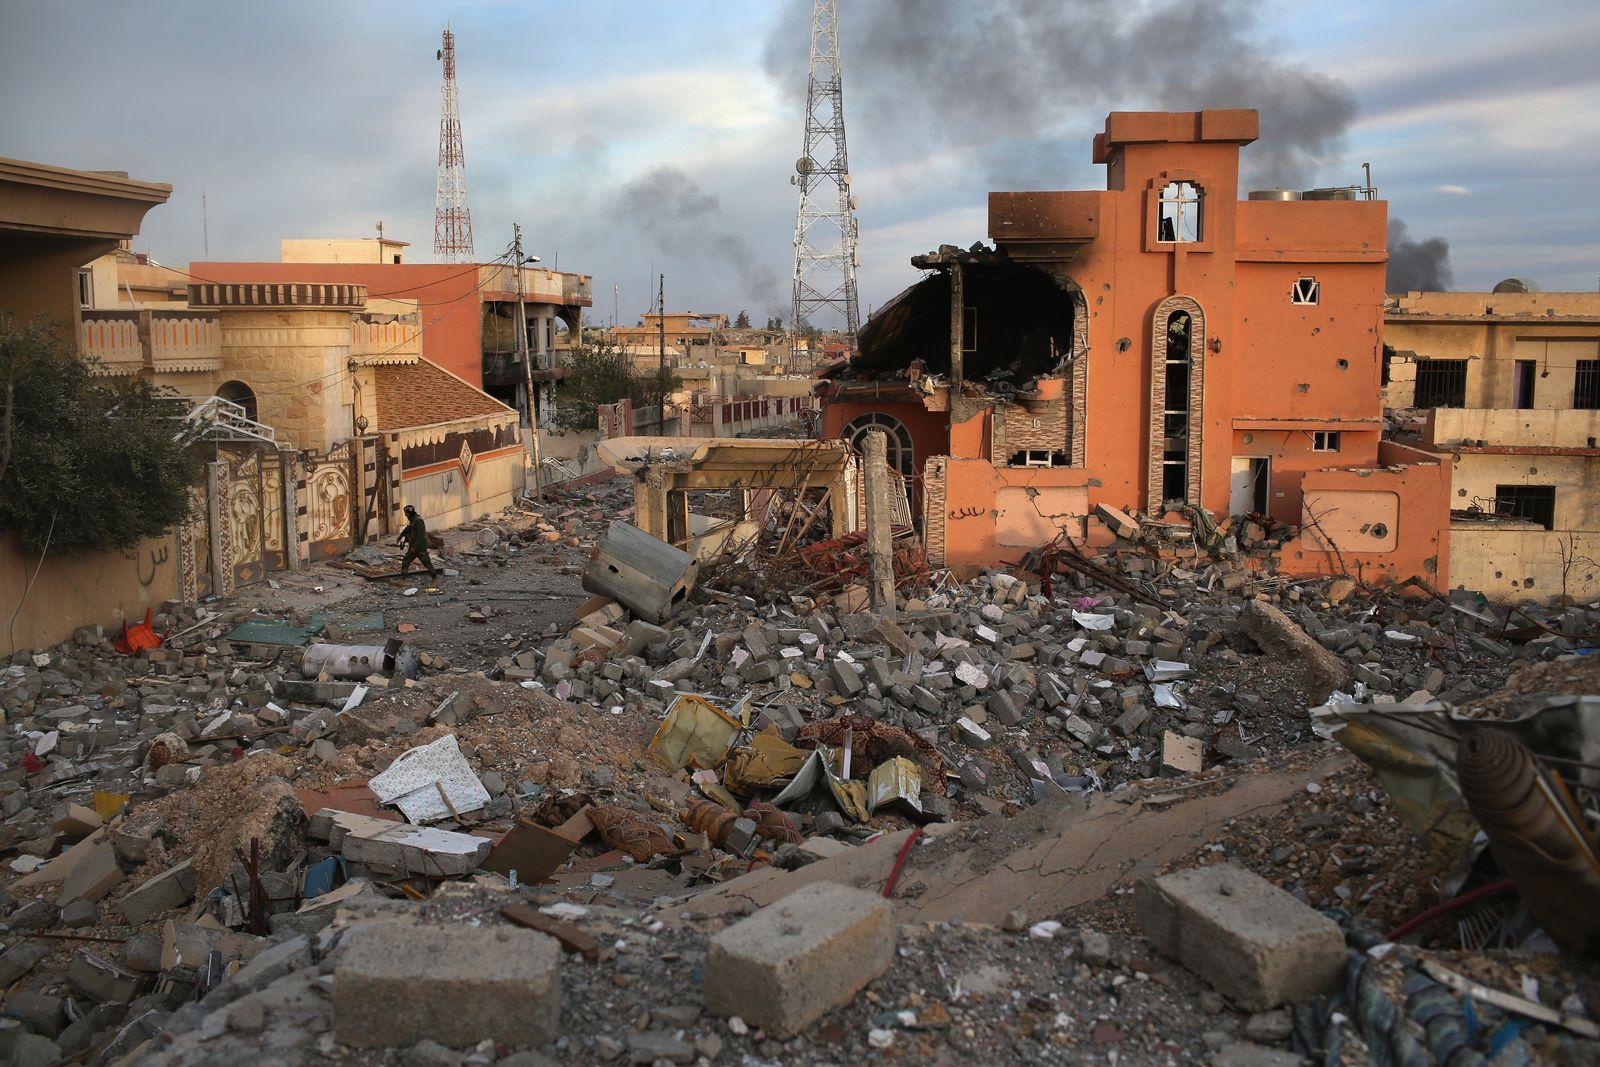 Sindschar/ Shingal/ Irak